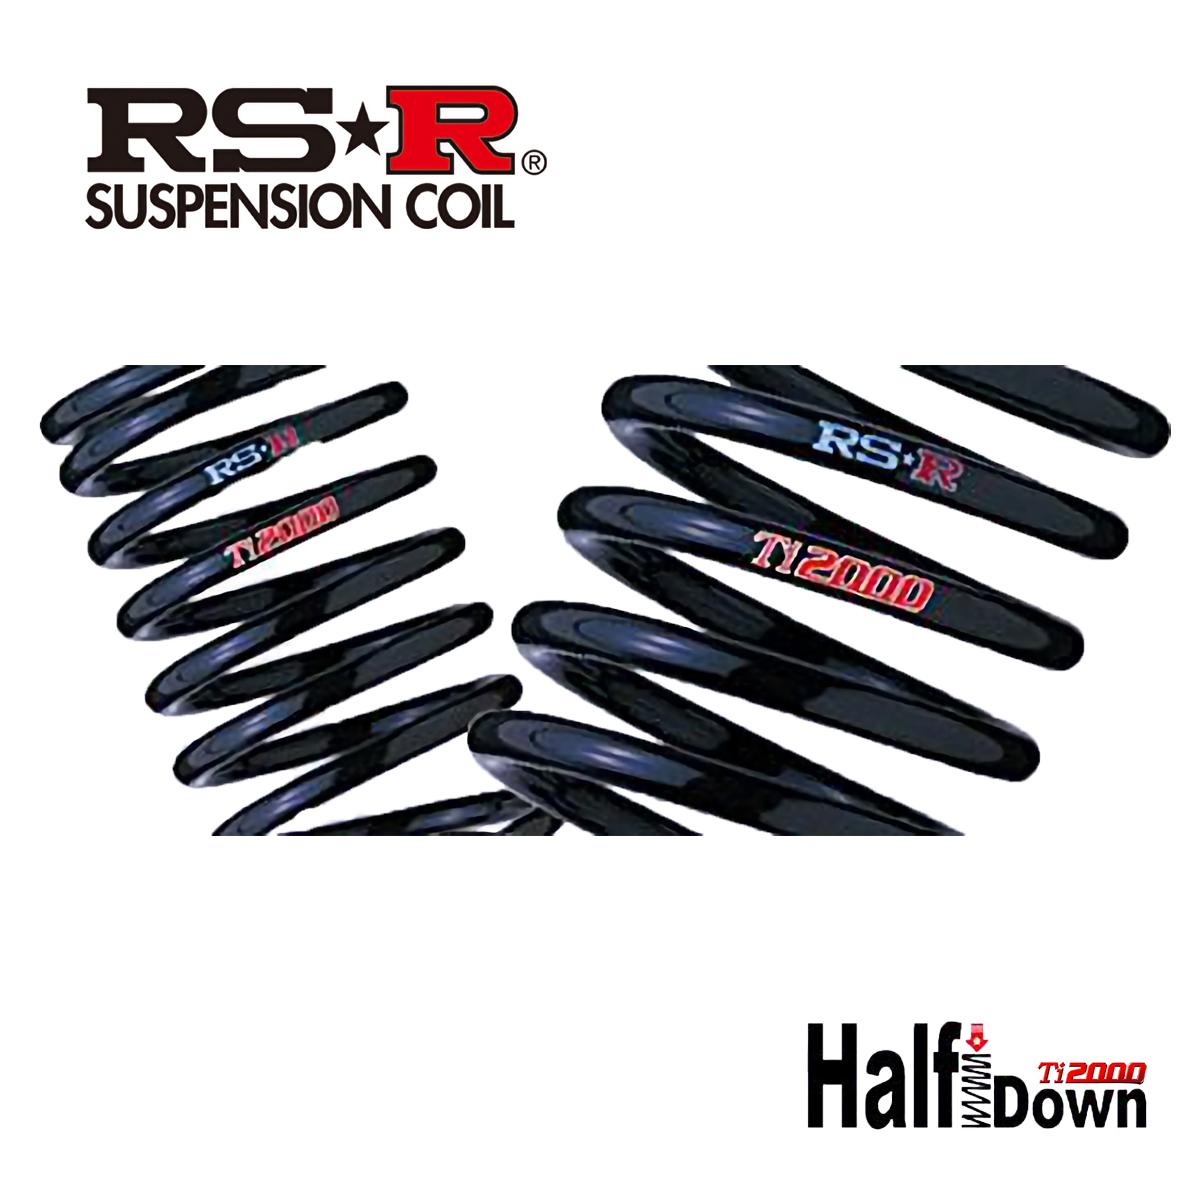 RS-R レクサス RC300h AVC10 ダウンサス スプリング 1台分 T103TD Ti2000 ダウン RSR 個人宅発送追金有